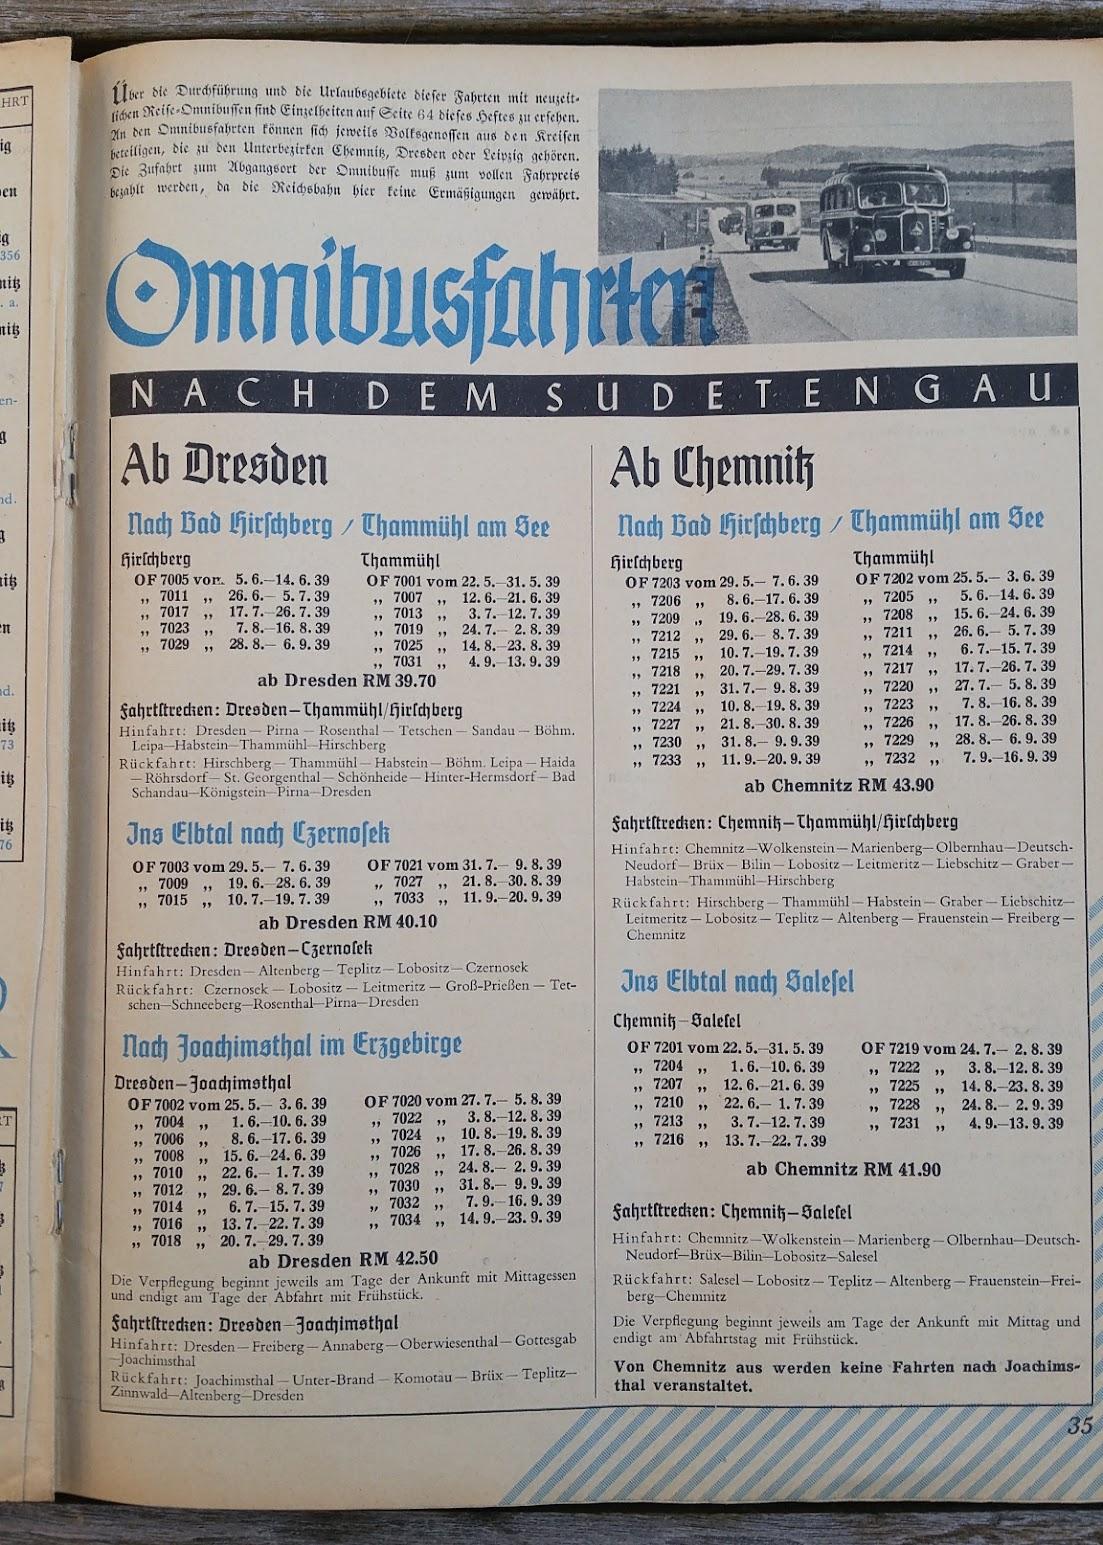 """Die Deutsche Arbeitsfront - Urlaubsfahrten 1939 - NS-Gemeinschaft """"Kraft durch Freude"""" Gau Sachsen - Katalog - Omnibusfahrten"""